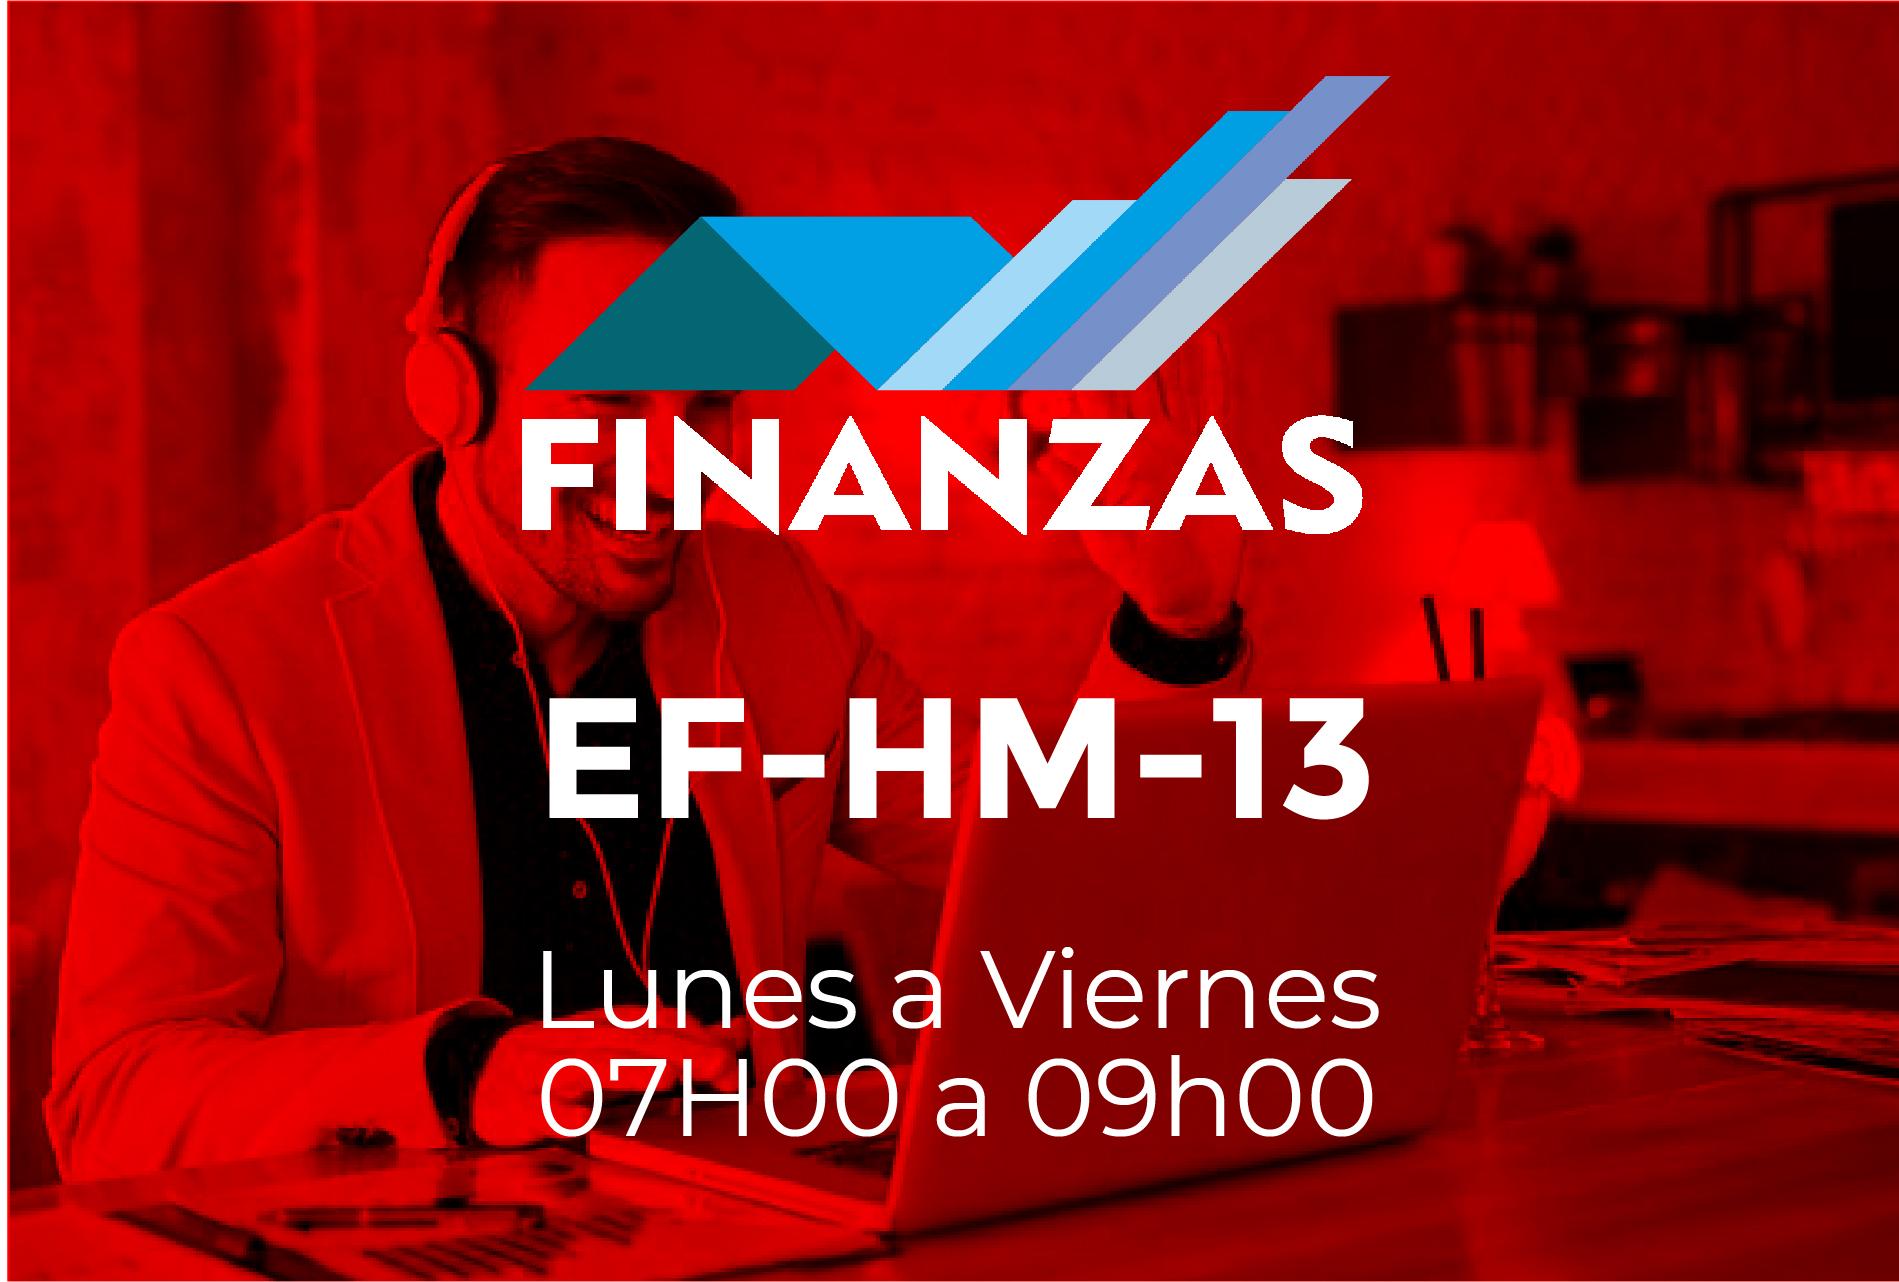 13 - FINANZAS - LUNES A JUEVES - 07:00 A 09:00